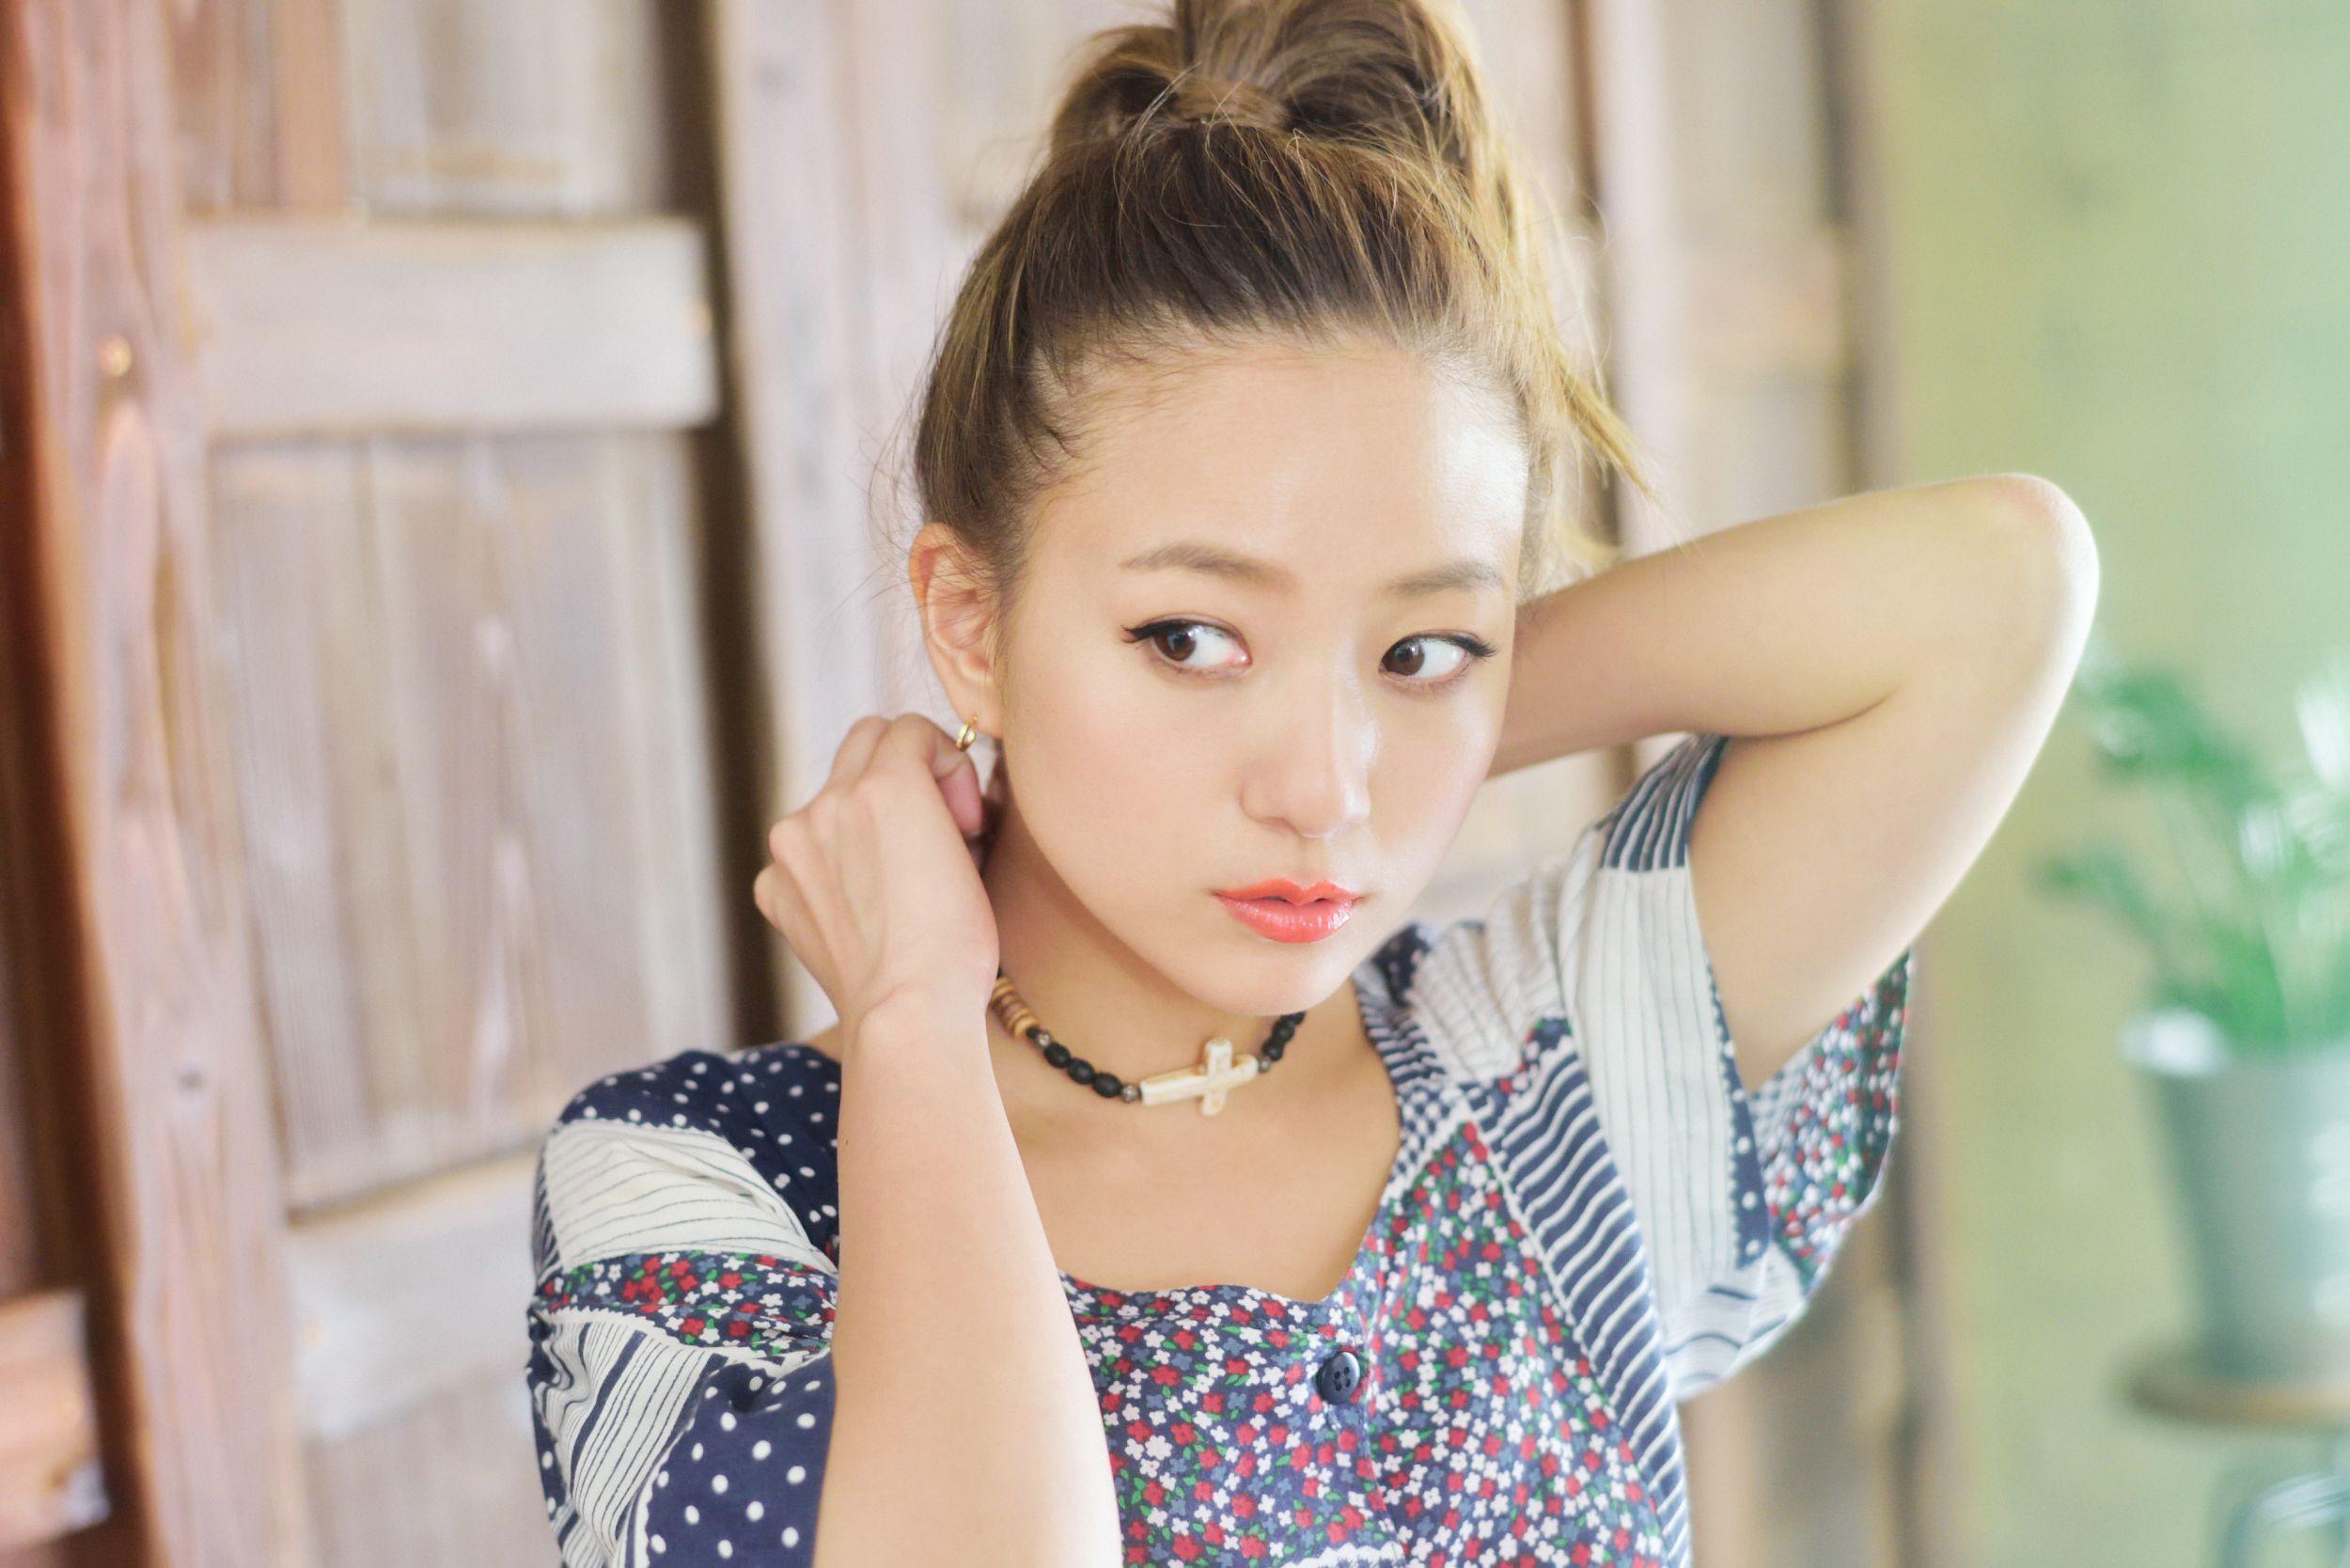 伊藤千晃 AAAのファッションアイコン、伊藤千晃のリアル私服が気になる♩|